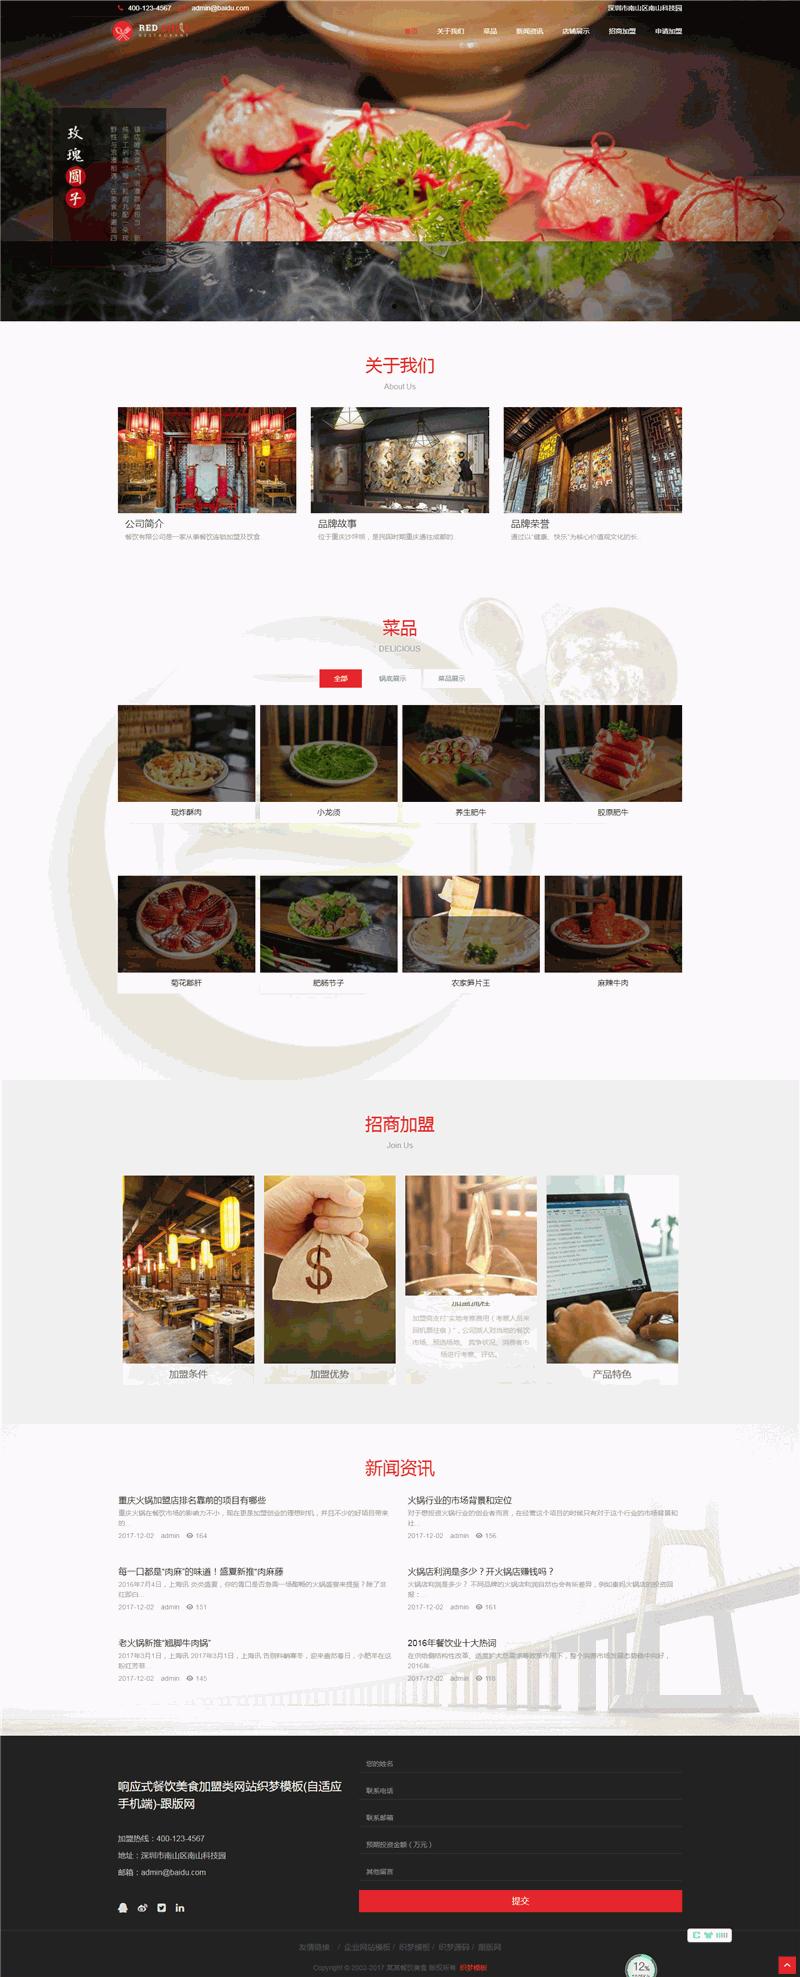 织梦Dedecms模板 HTML5美食餐饮加盟管理网站织梦响应式模板(自适应手机版),利于SEO优化